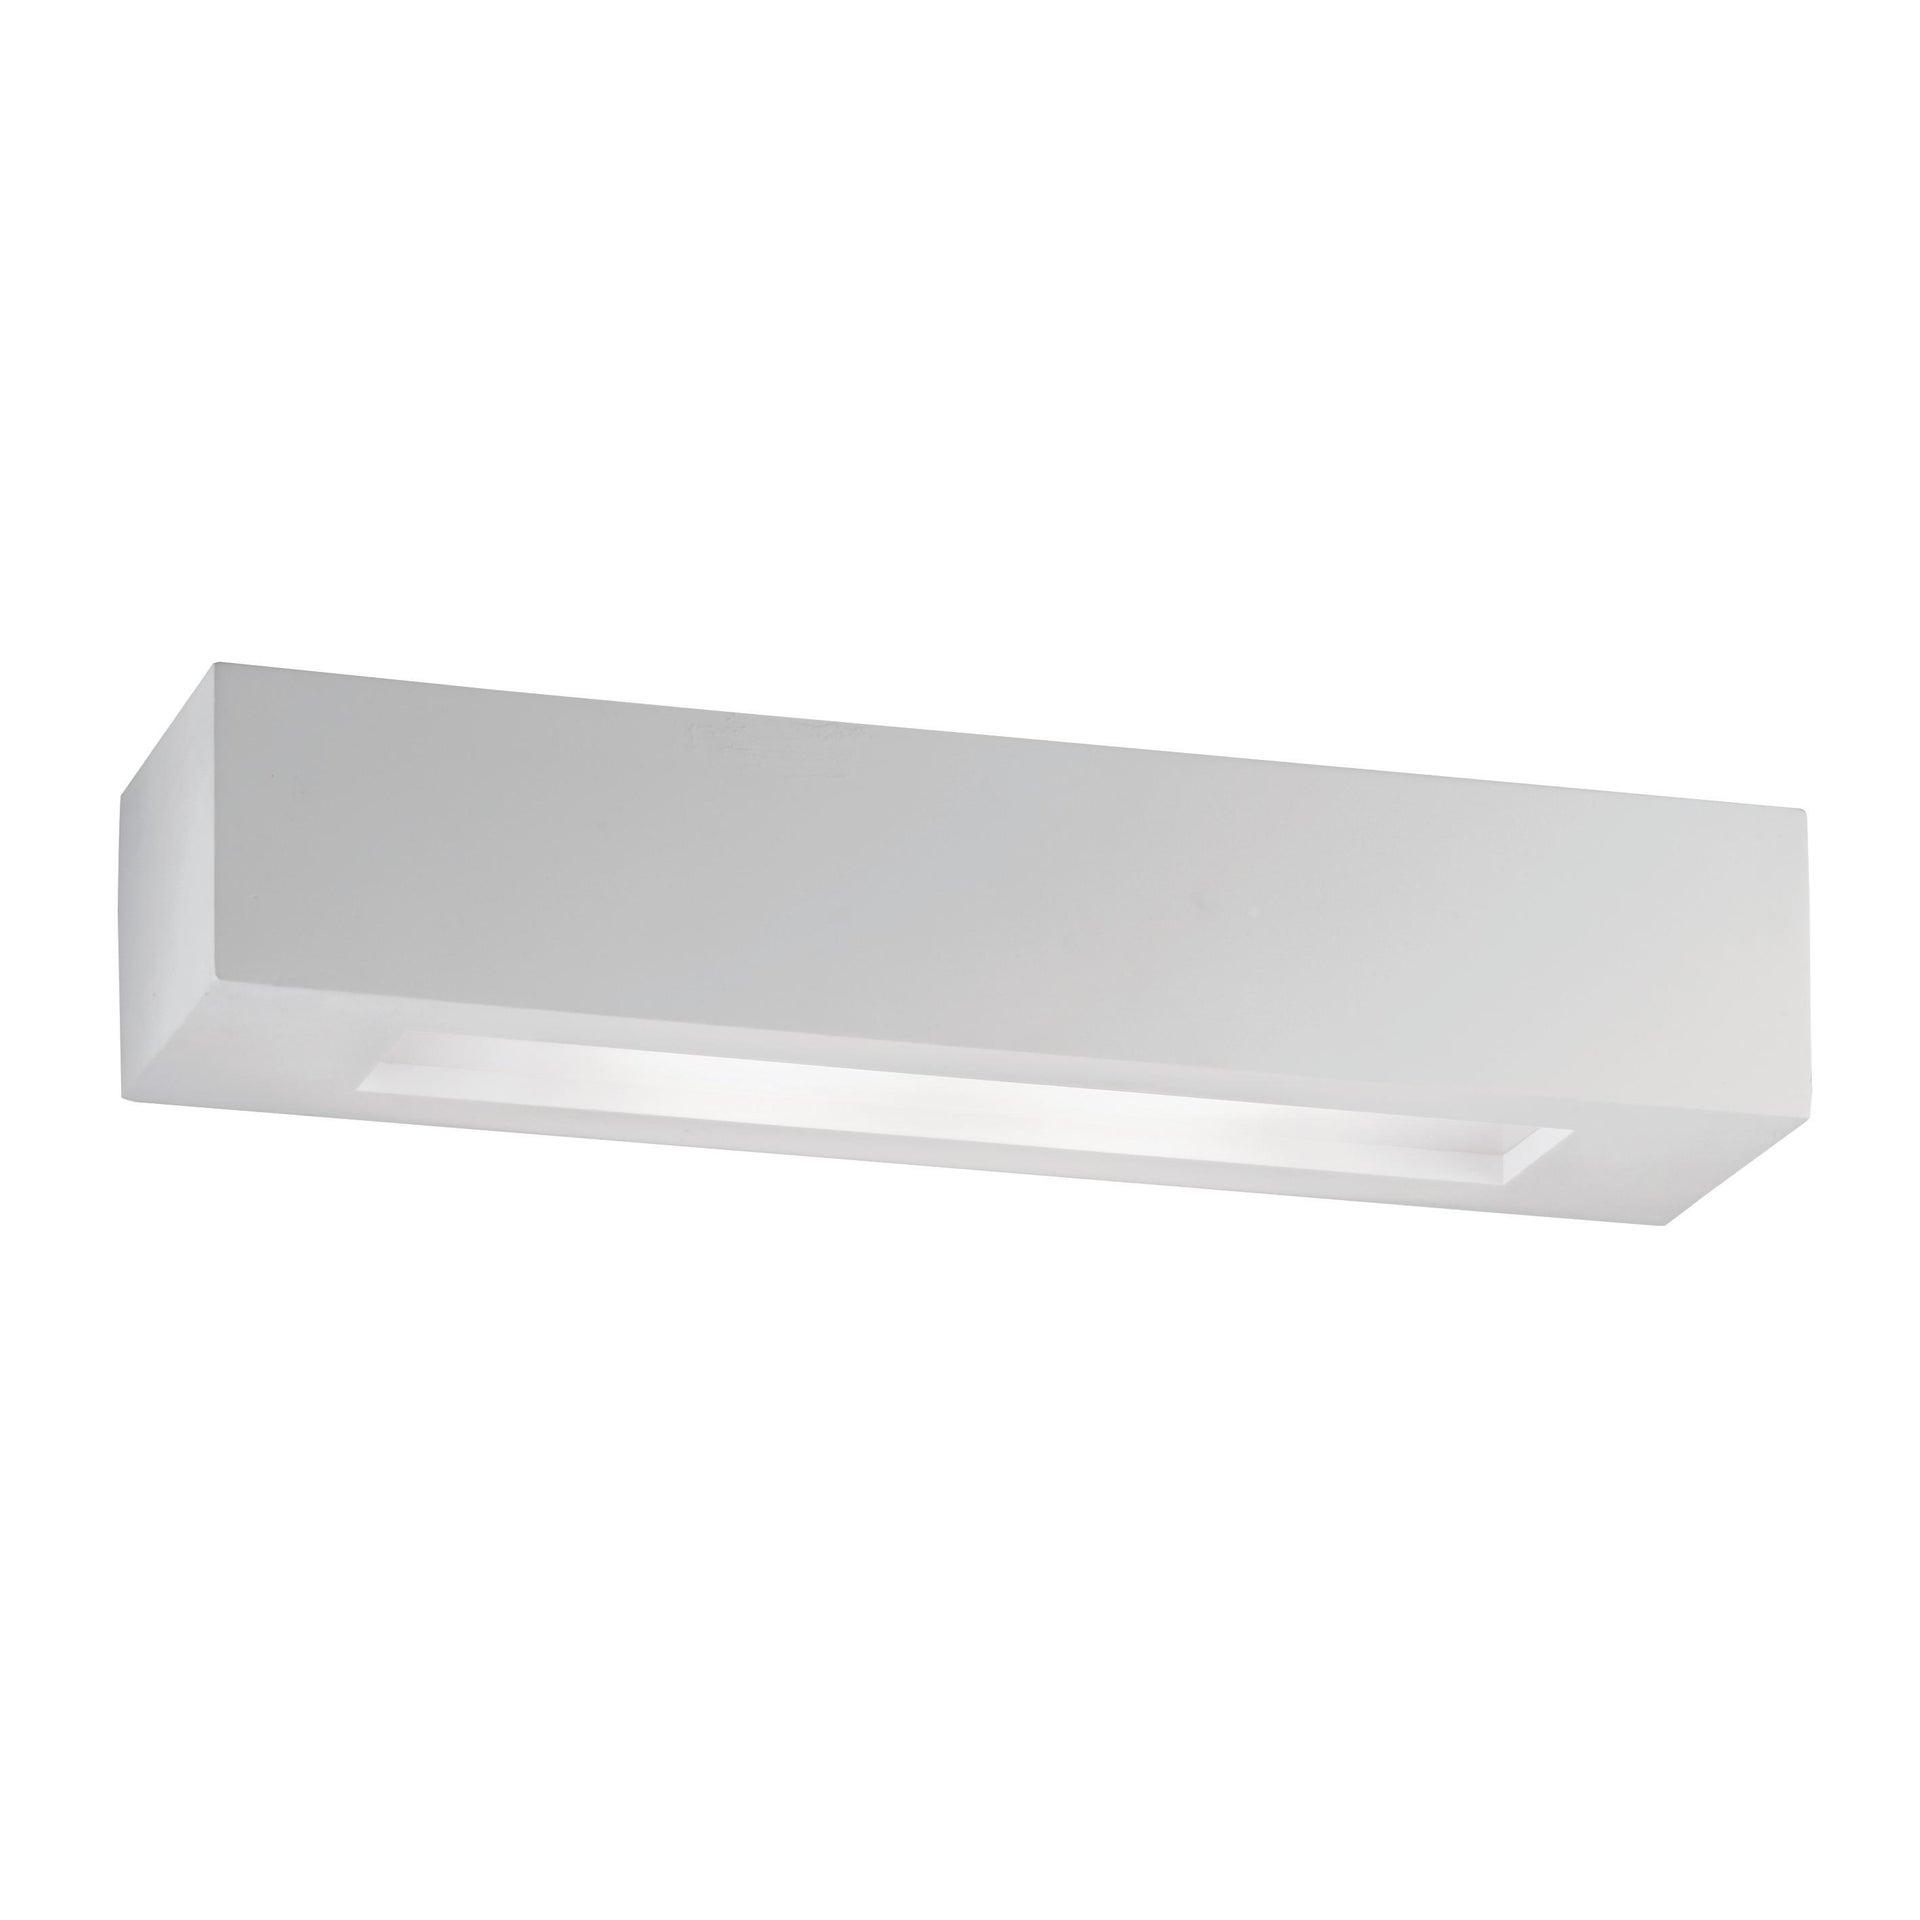 Applique design Candida bianco, in gesso, 36 cm, 2 luci INTEC - 3